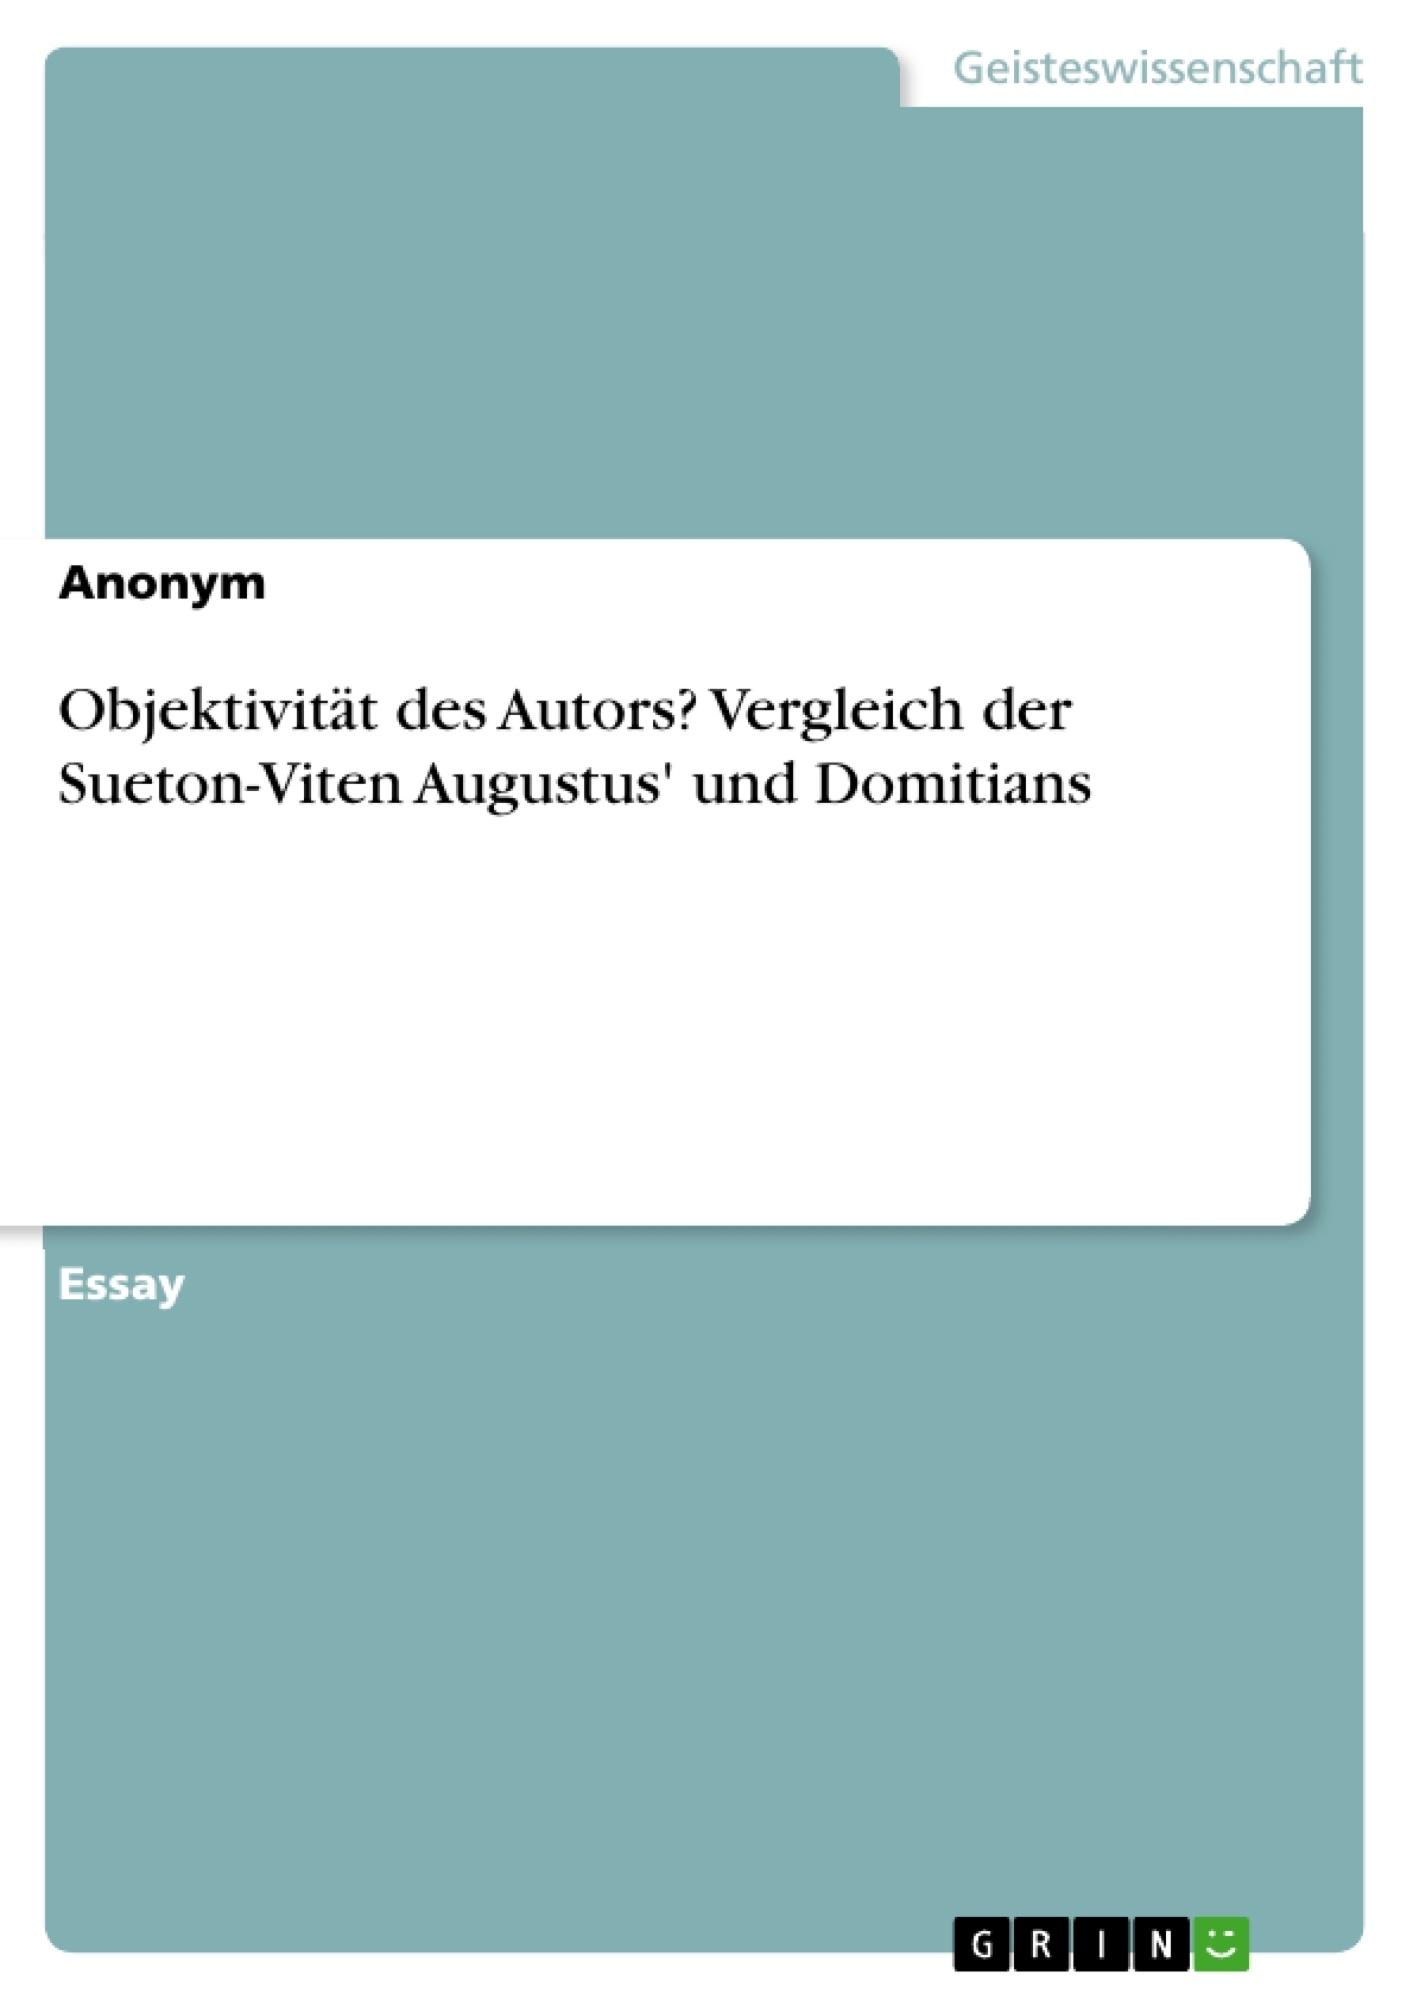 Titel: Objektivität des Autors? Vergleich der Sueton-Viten Augustus' und Domitians